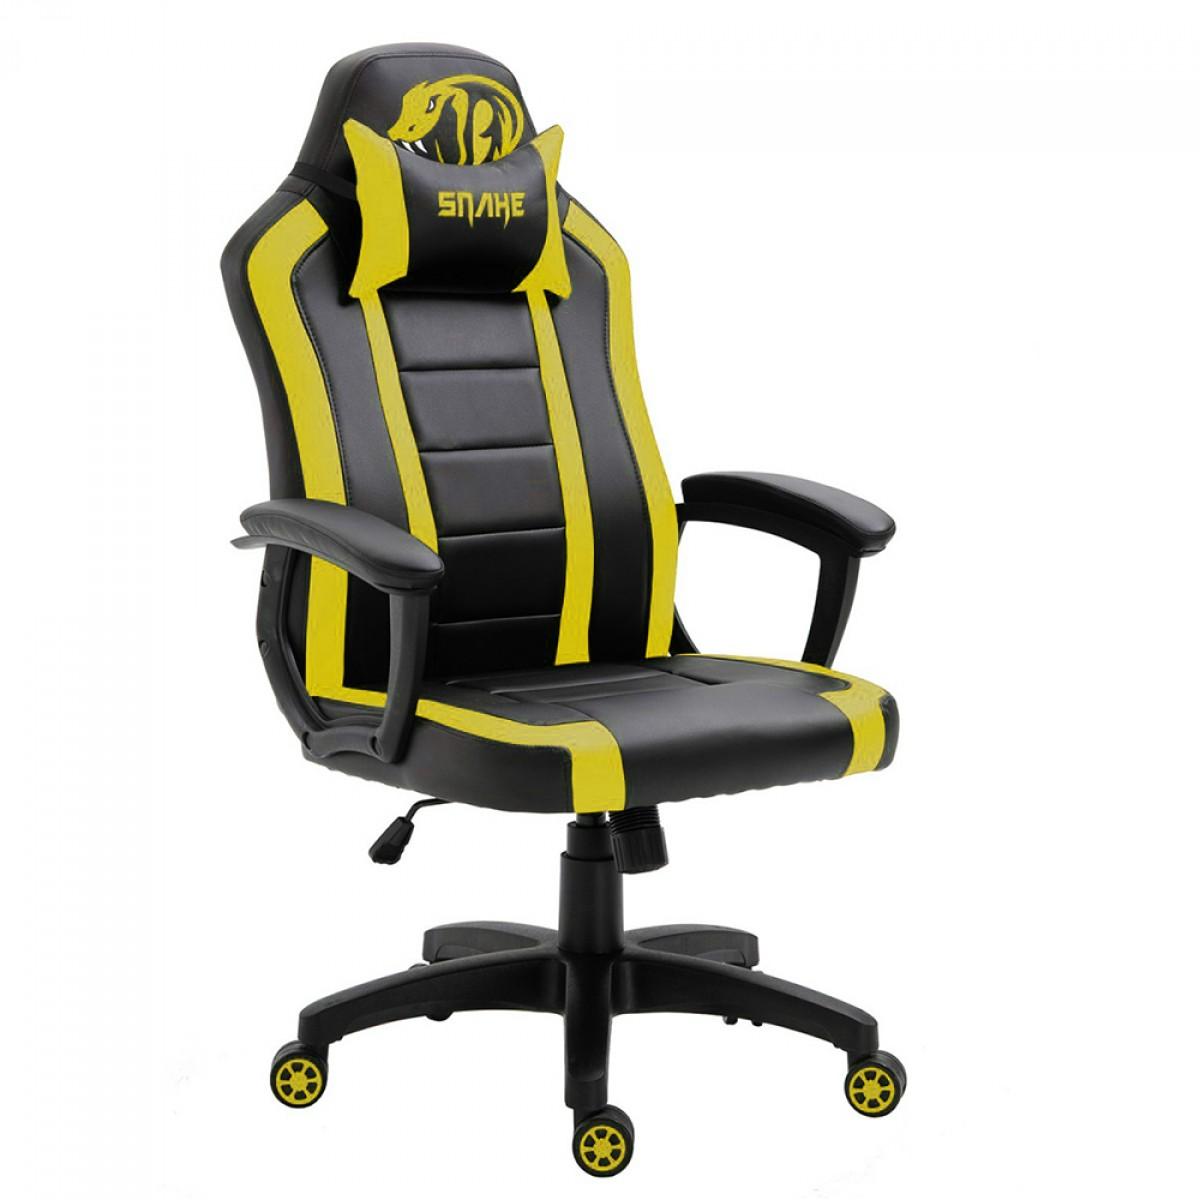 Cadeira Gamer Snake Viper II, Black/Yellow, UT 440